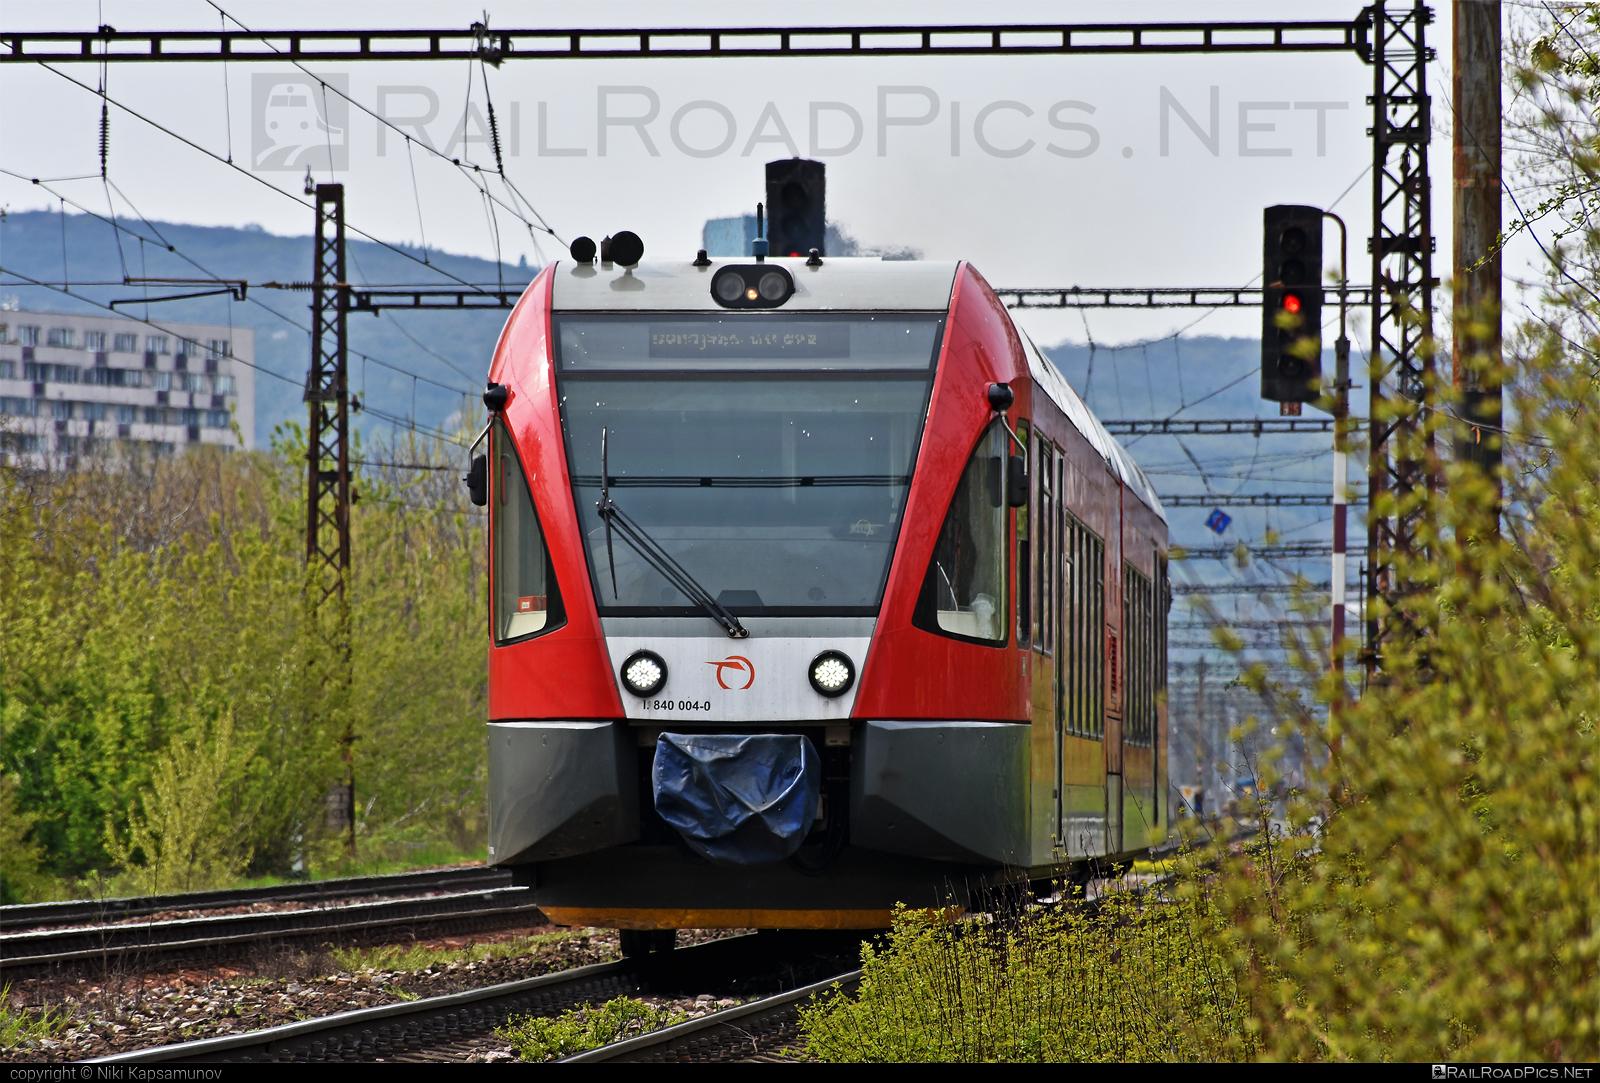 GTW Vysoké Tatry Class 840 - 840 004-0 operated by Železničná Spoločnost' Slovensko, a.s. #ZeleznicnaSpolocnostSlovensko #delfin #gtw26 #gtwvysoketatry #zssk #zssk840